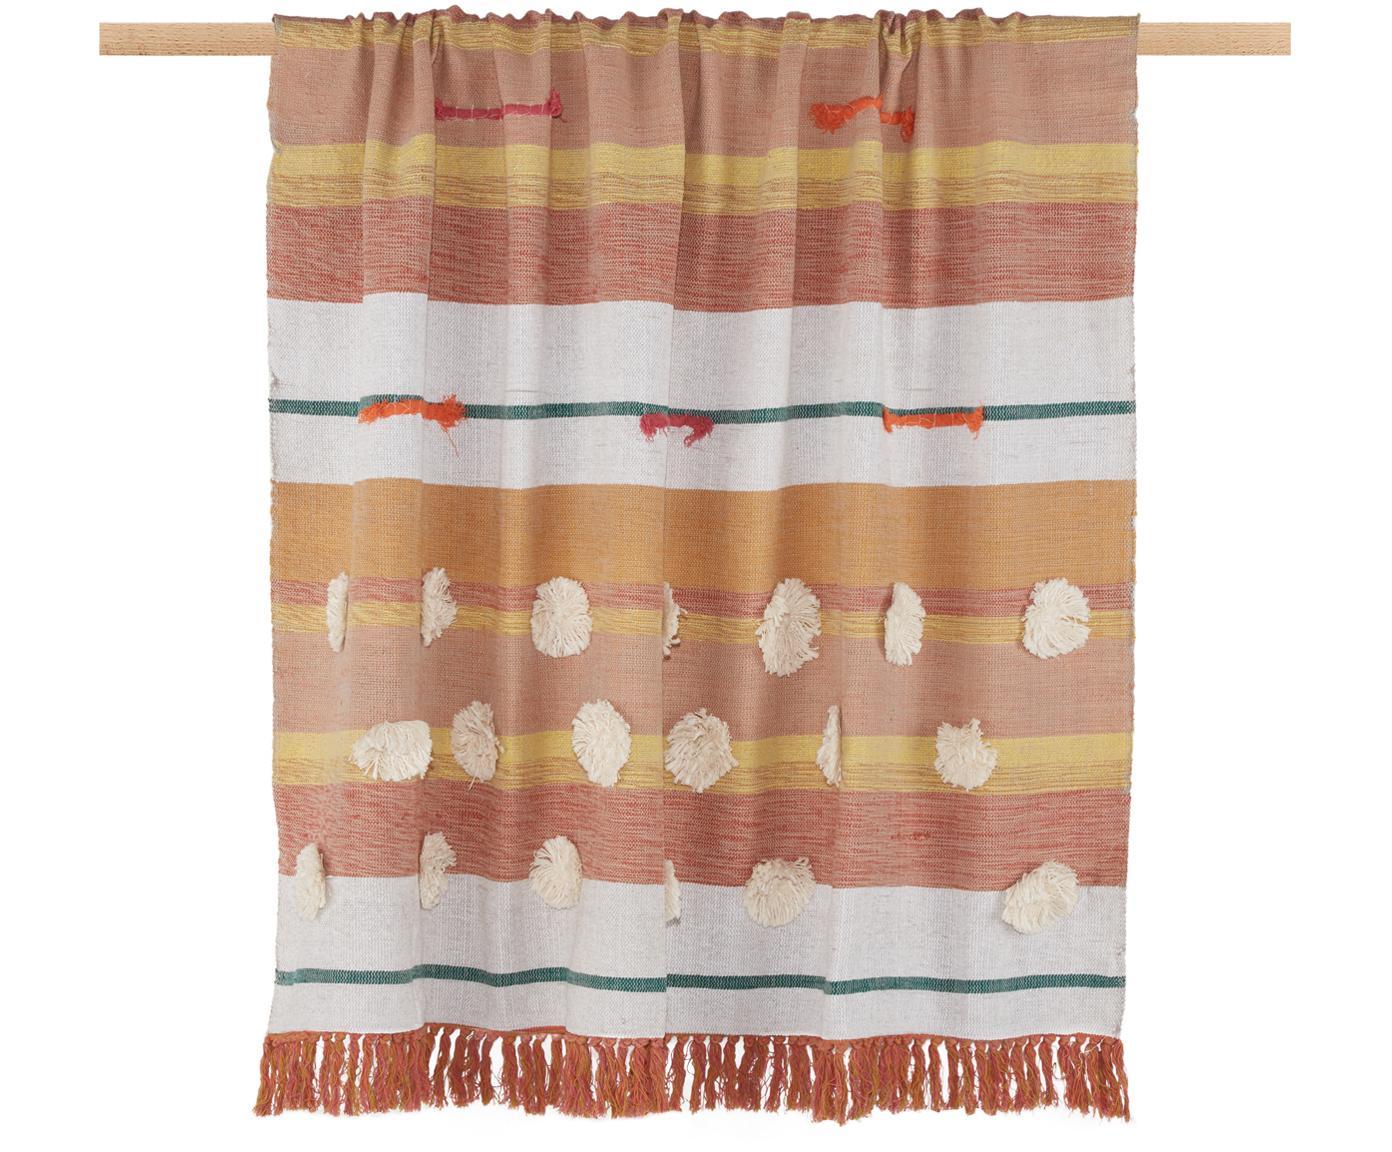 Plaid in cotone Madeline, 100% cotone, Giallo, tonalità rosa, bianco, verde, Larg. 130 x Lung. 170 cm